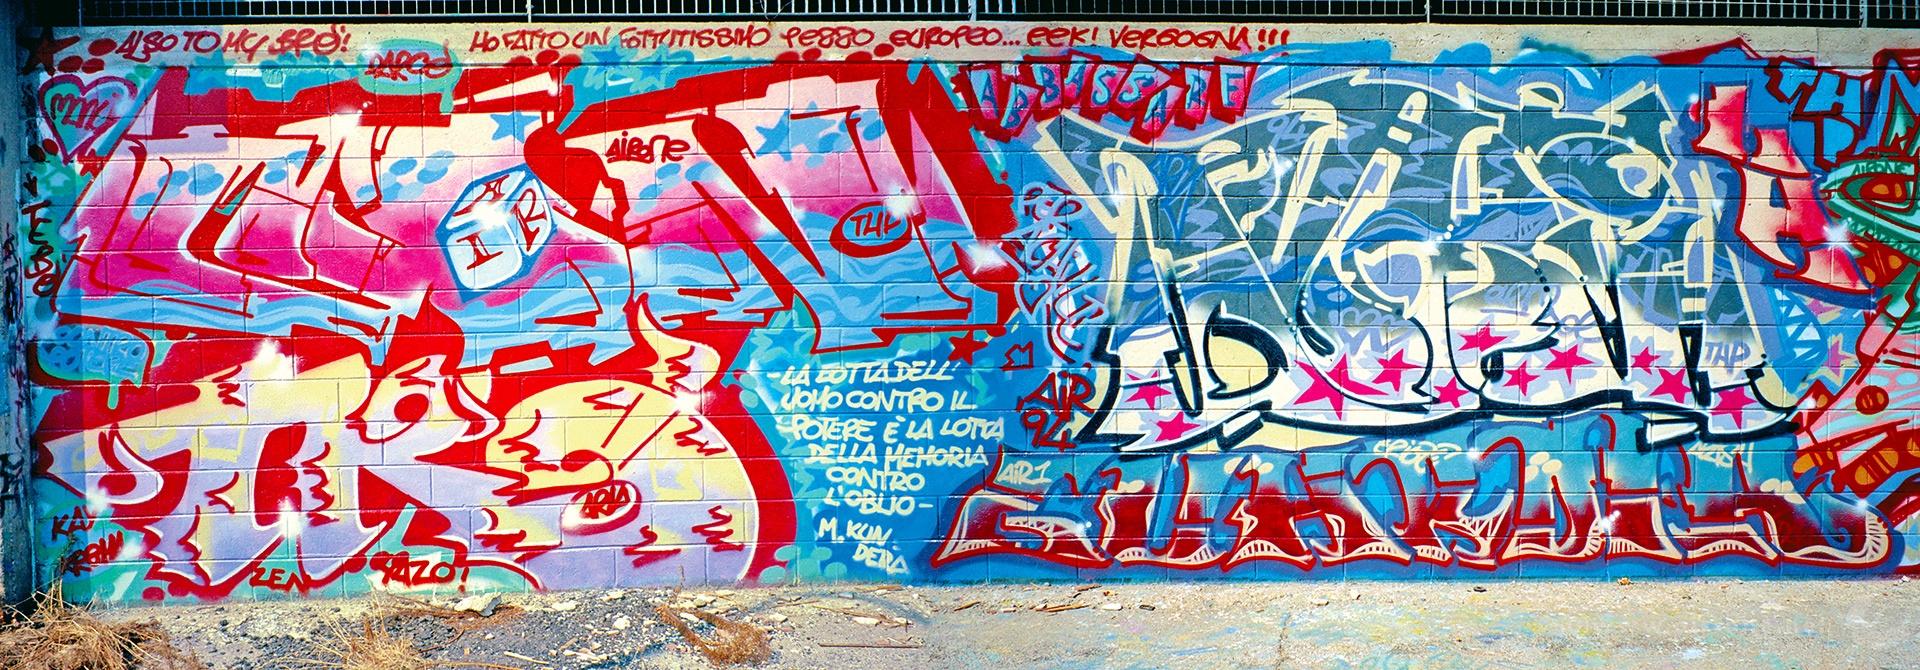 Airone, Cavalcavia Brunelleschi, Milano 1994